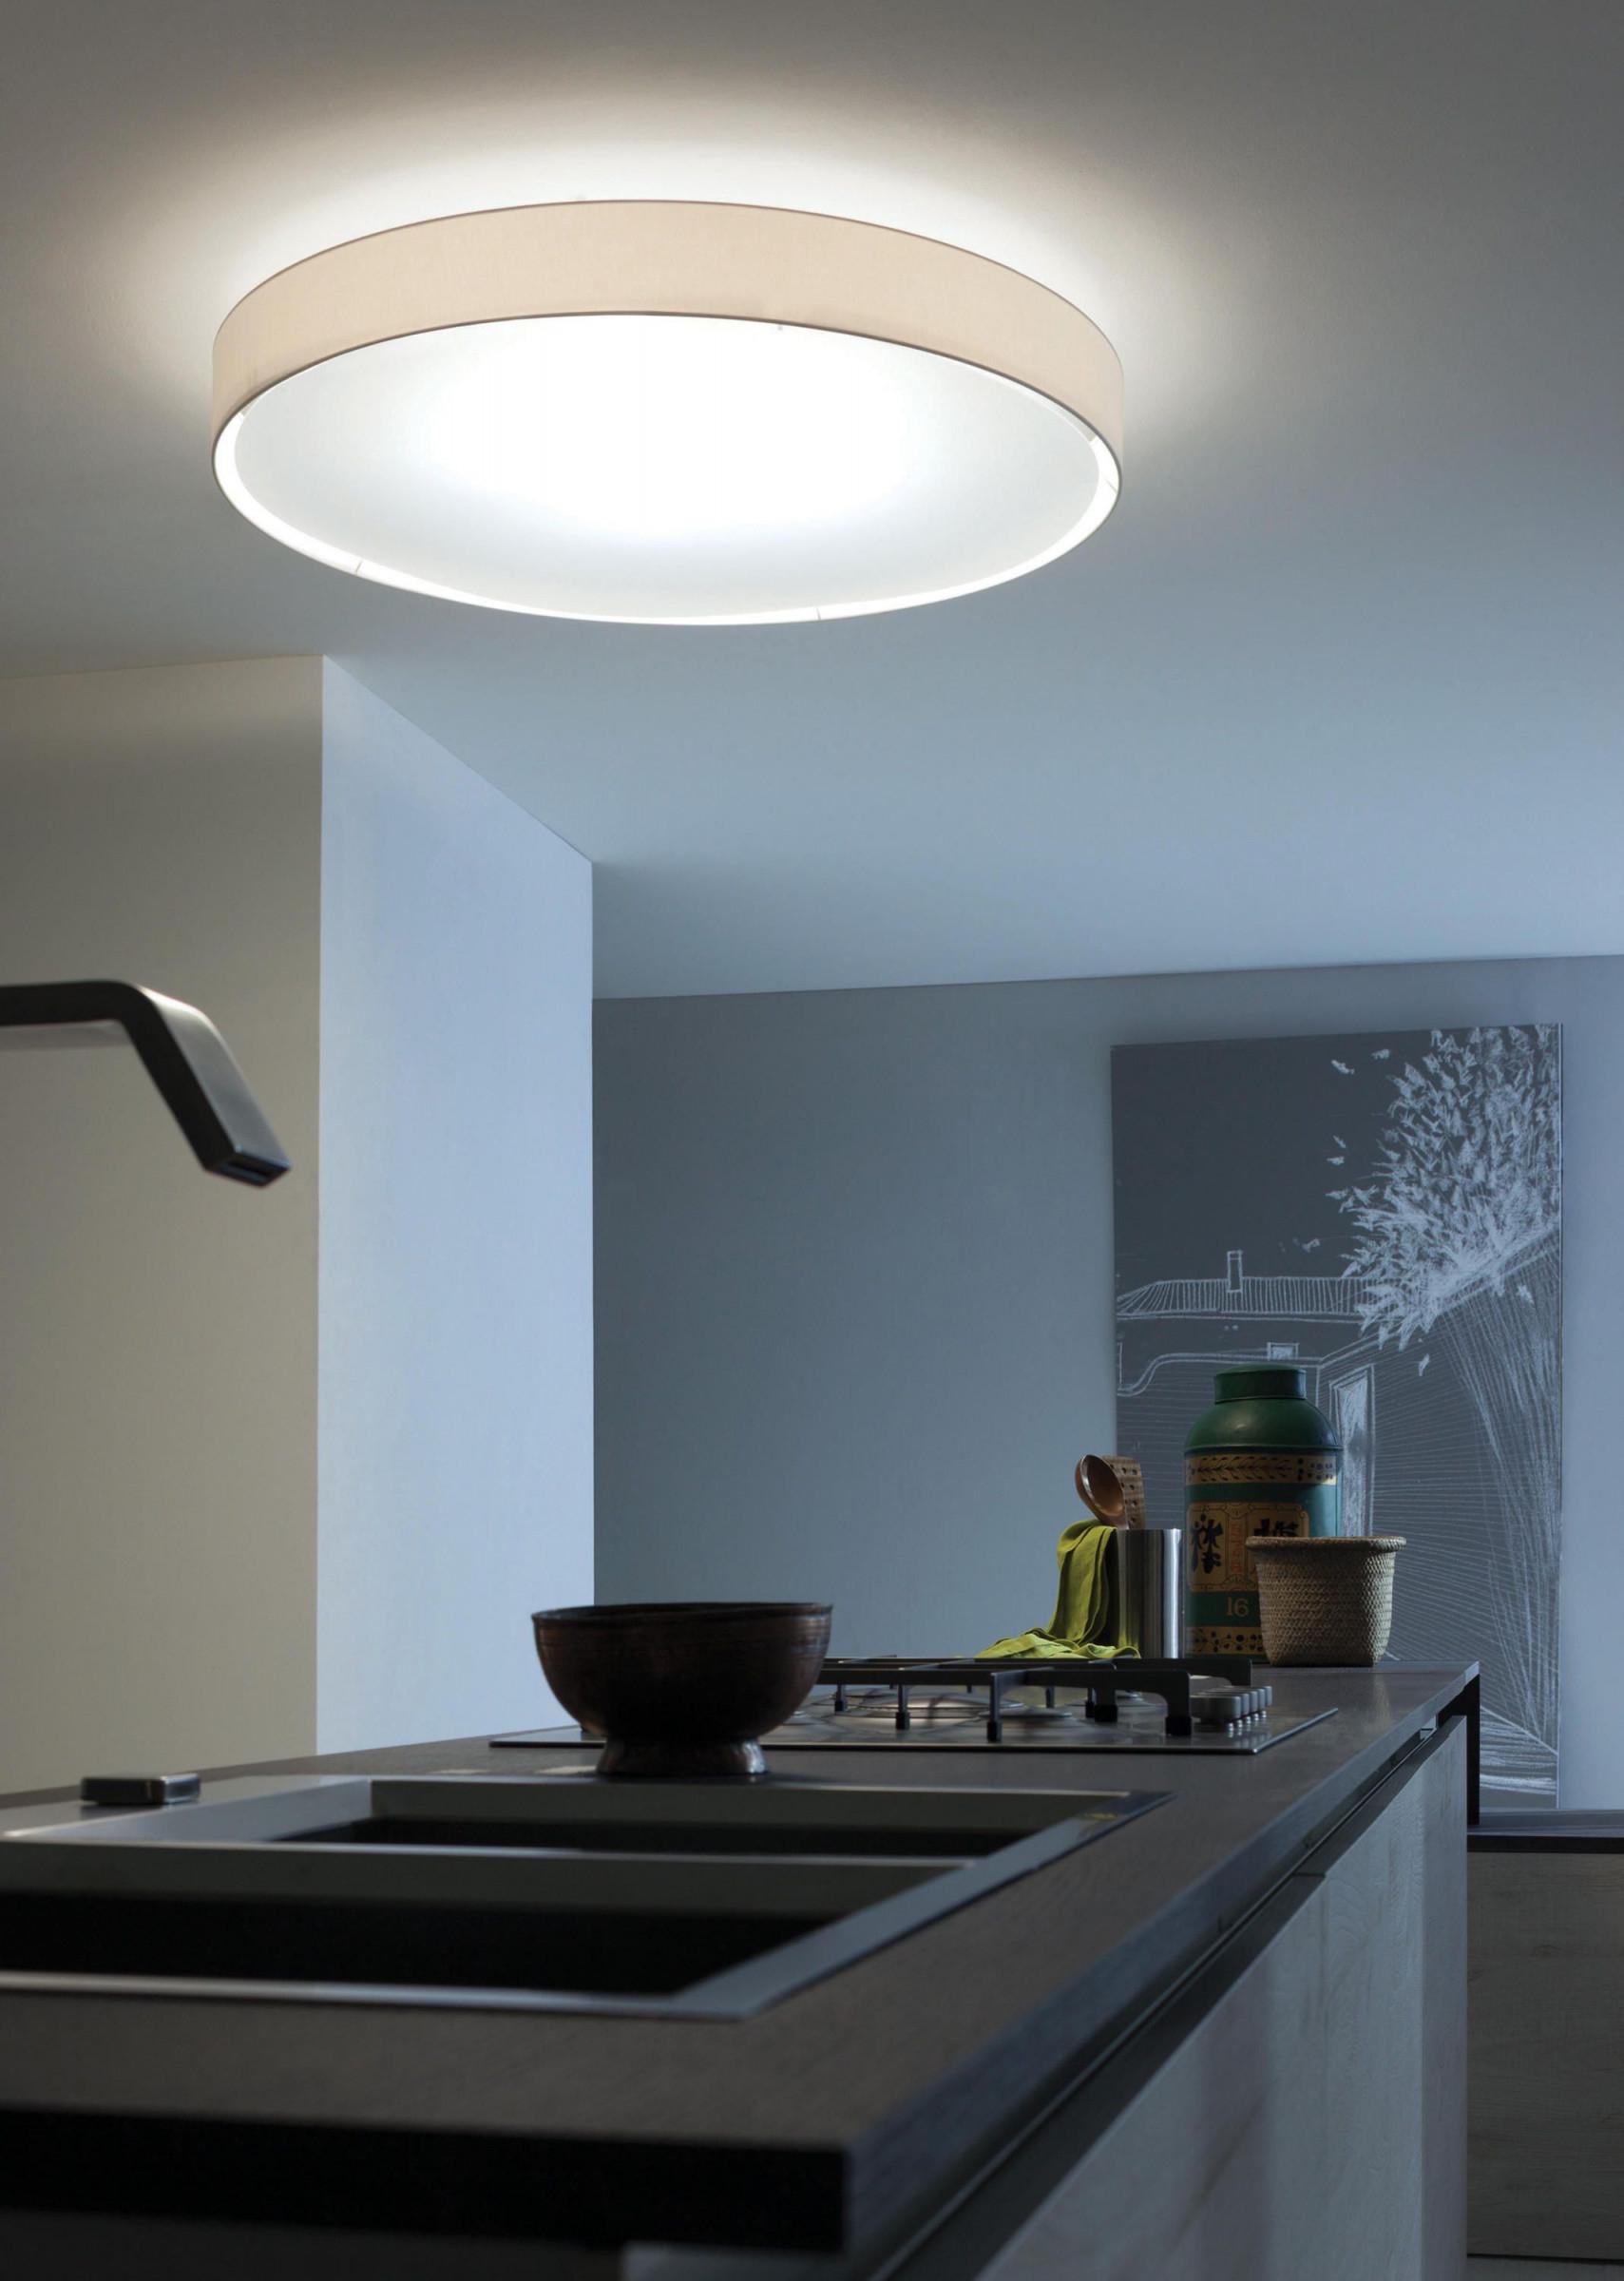 Mirya Deckenleuchte Von Lucente  Lampen Wohnzimmer von Wohnzimmer Deckenleuchte Design Bild